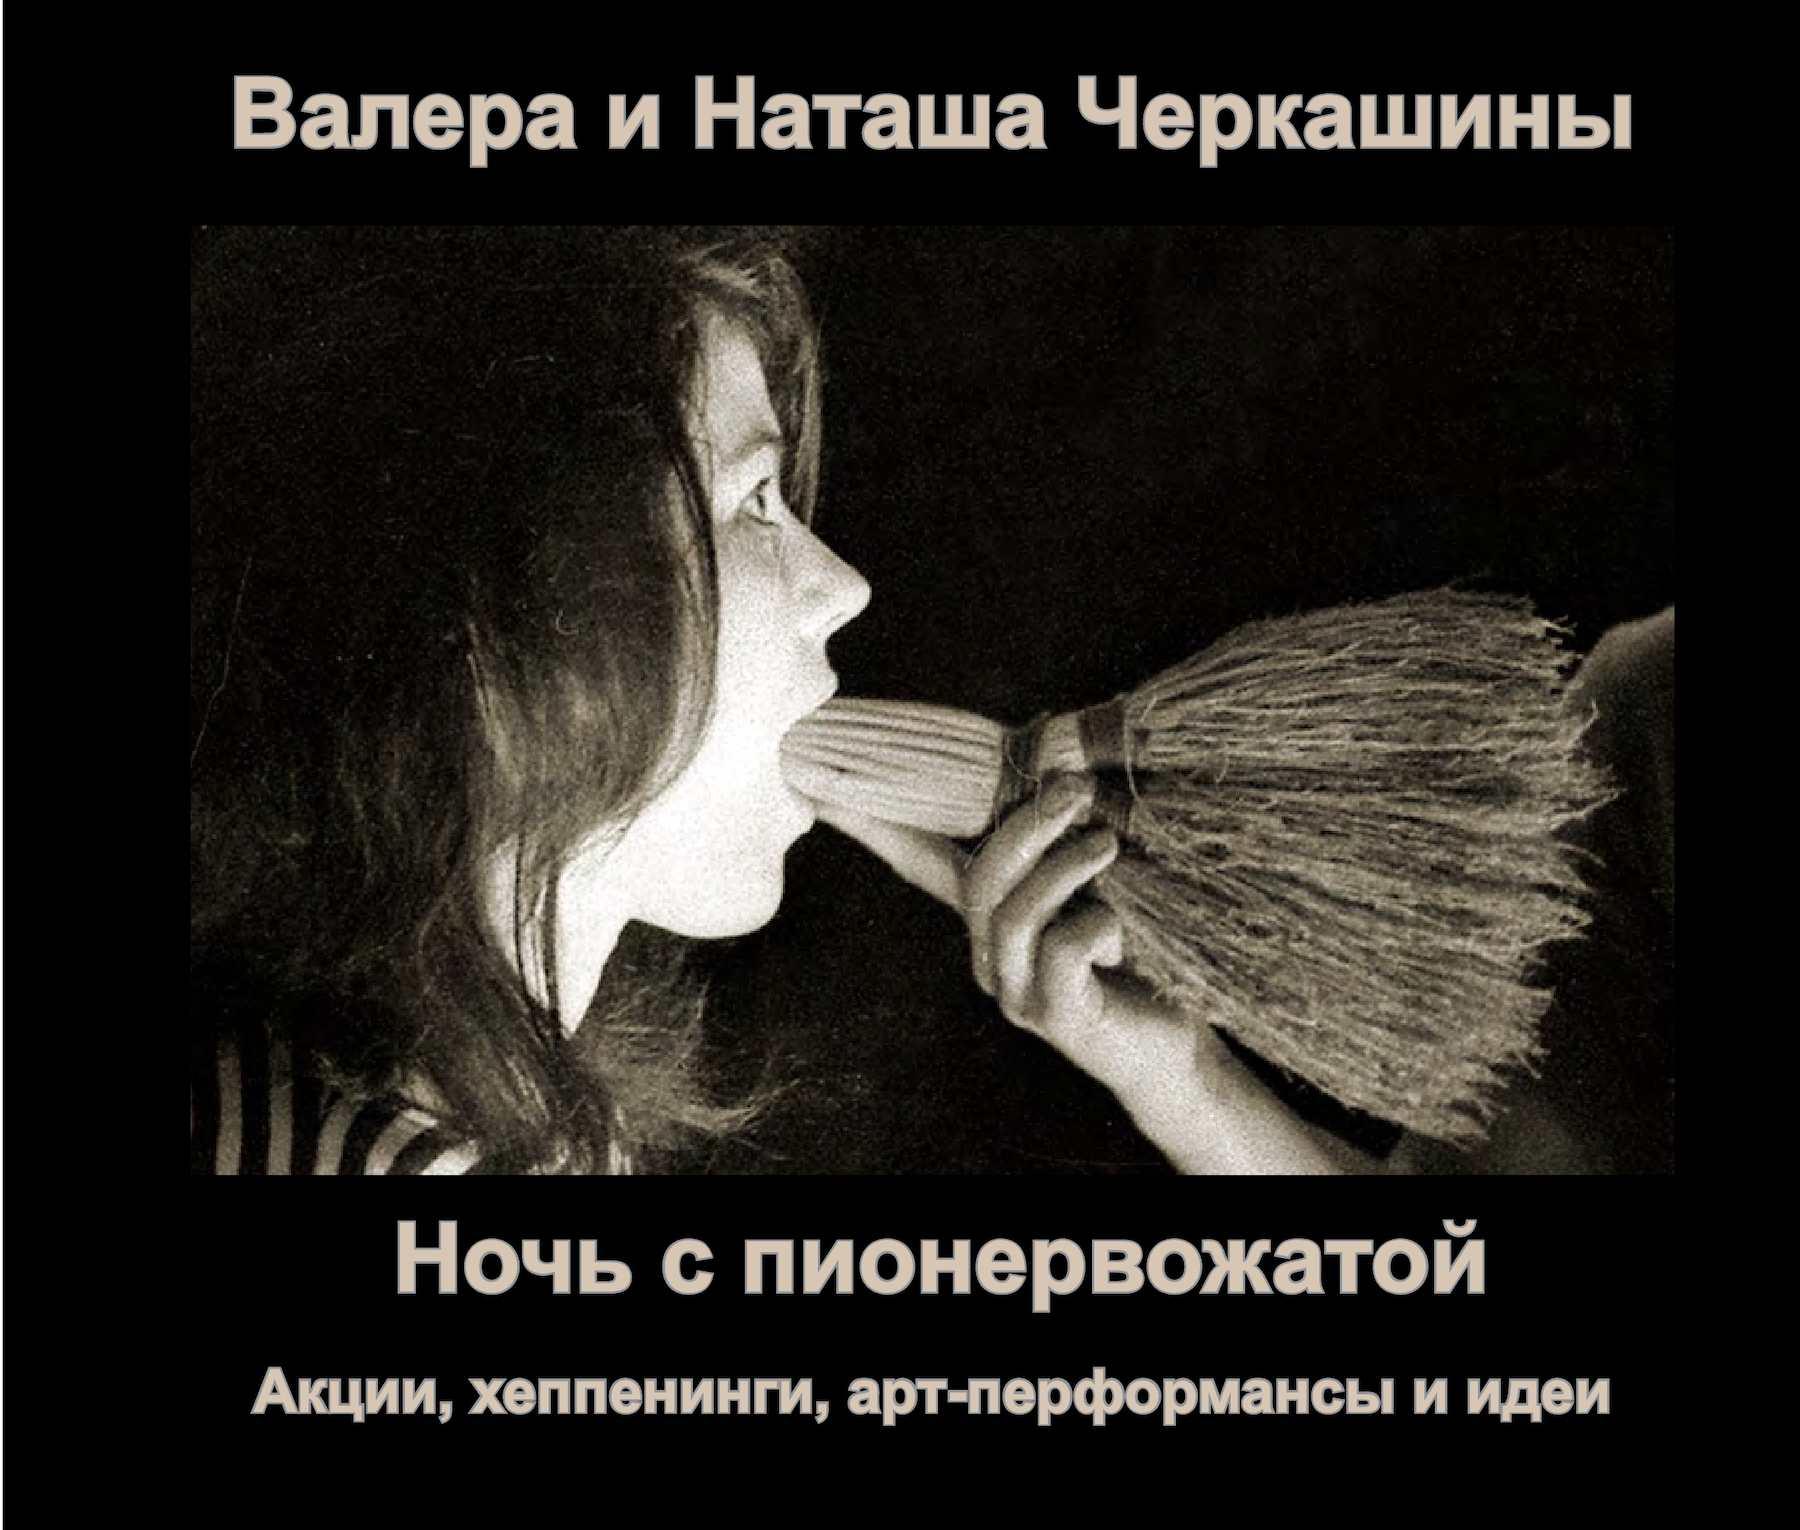 ya-sfotkalas-v-kupalnike-samodelnom-foto-rossiyskie-porno-aktrisi-lyubitelnitsi